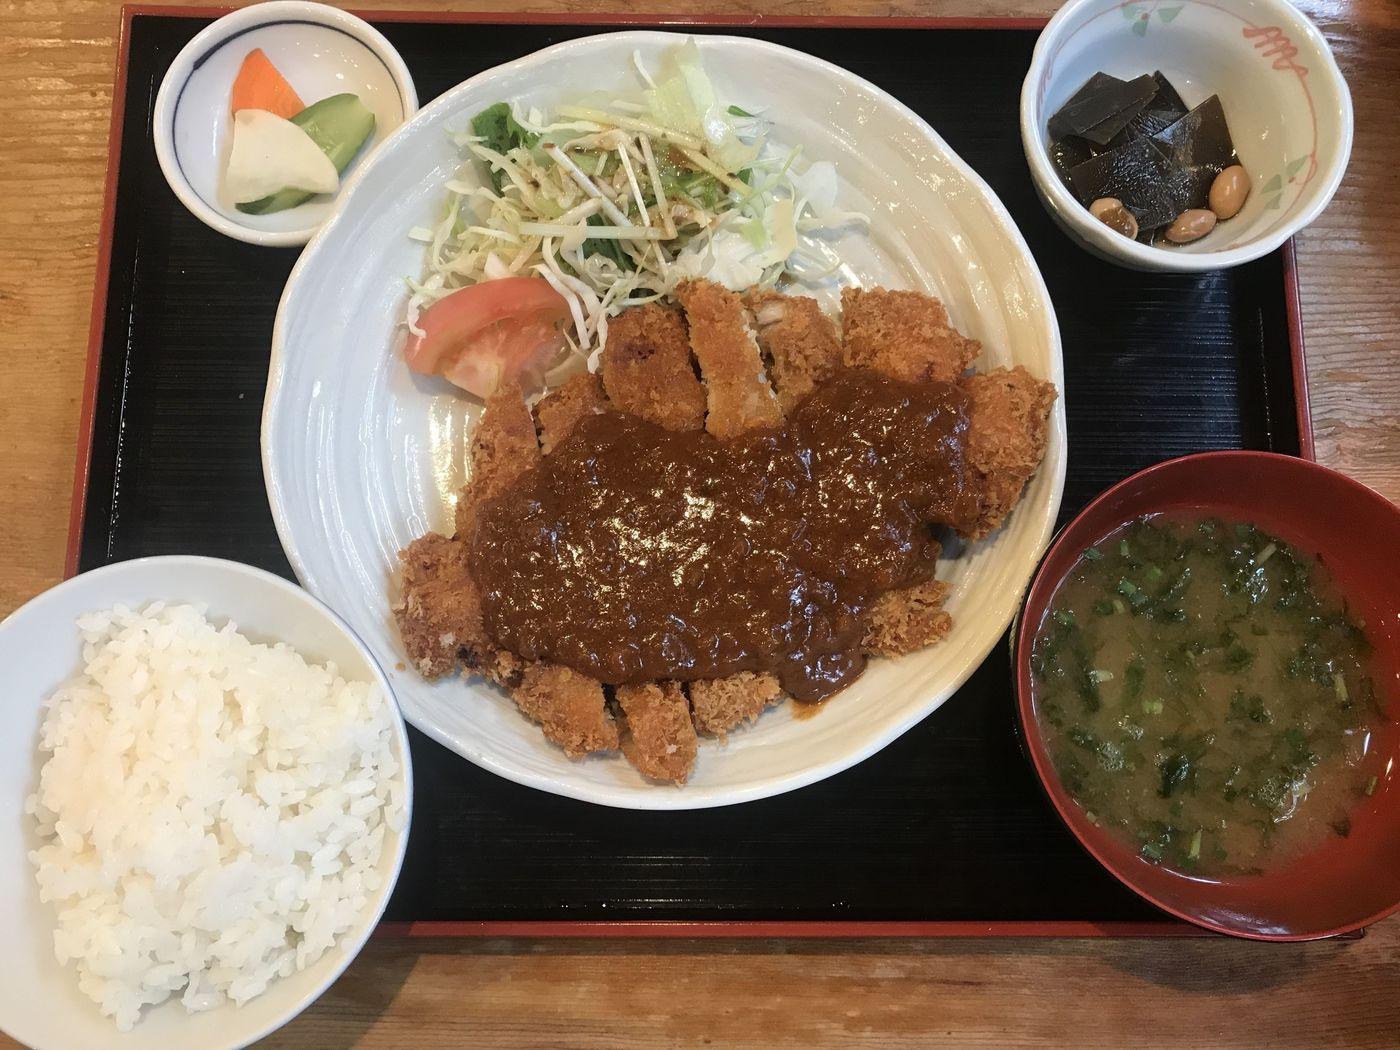 【福岡の海鮮系居酒屋の中心で、チキンカツ定食を食べる】の画像